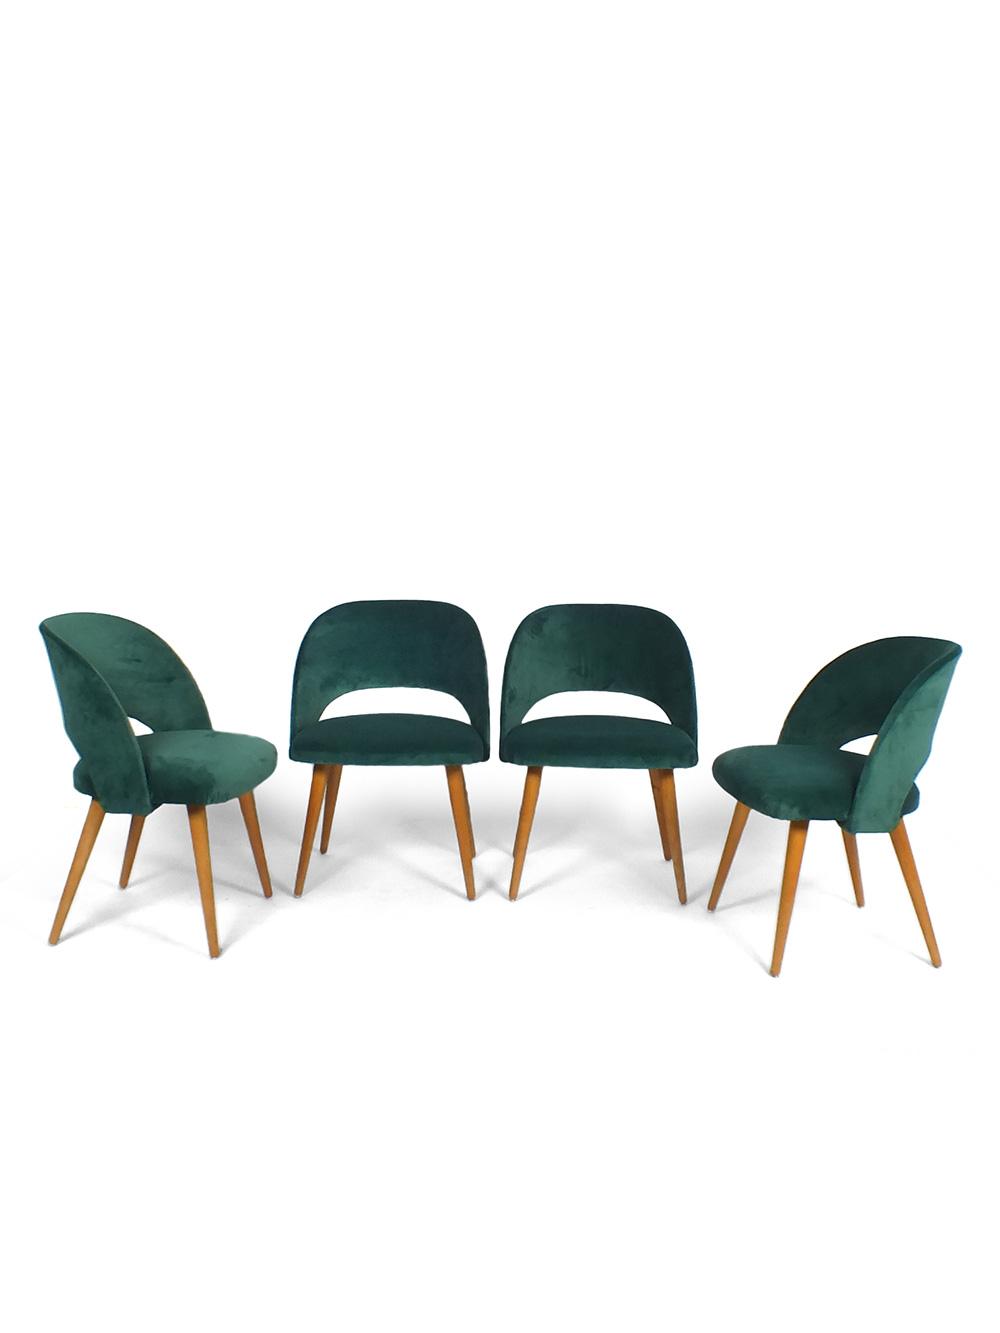 Eetkamerstoelen Set 4.Set Of 4 Chairs In The Style Of Saarinen With Green Velvet